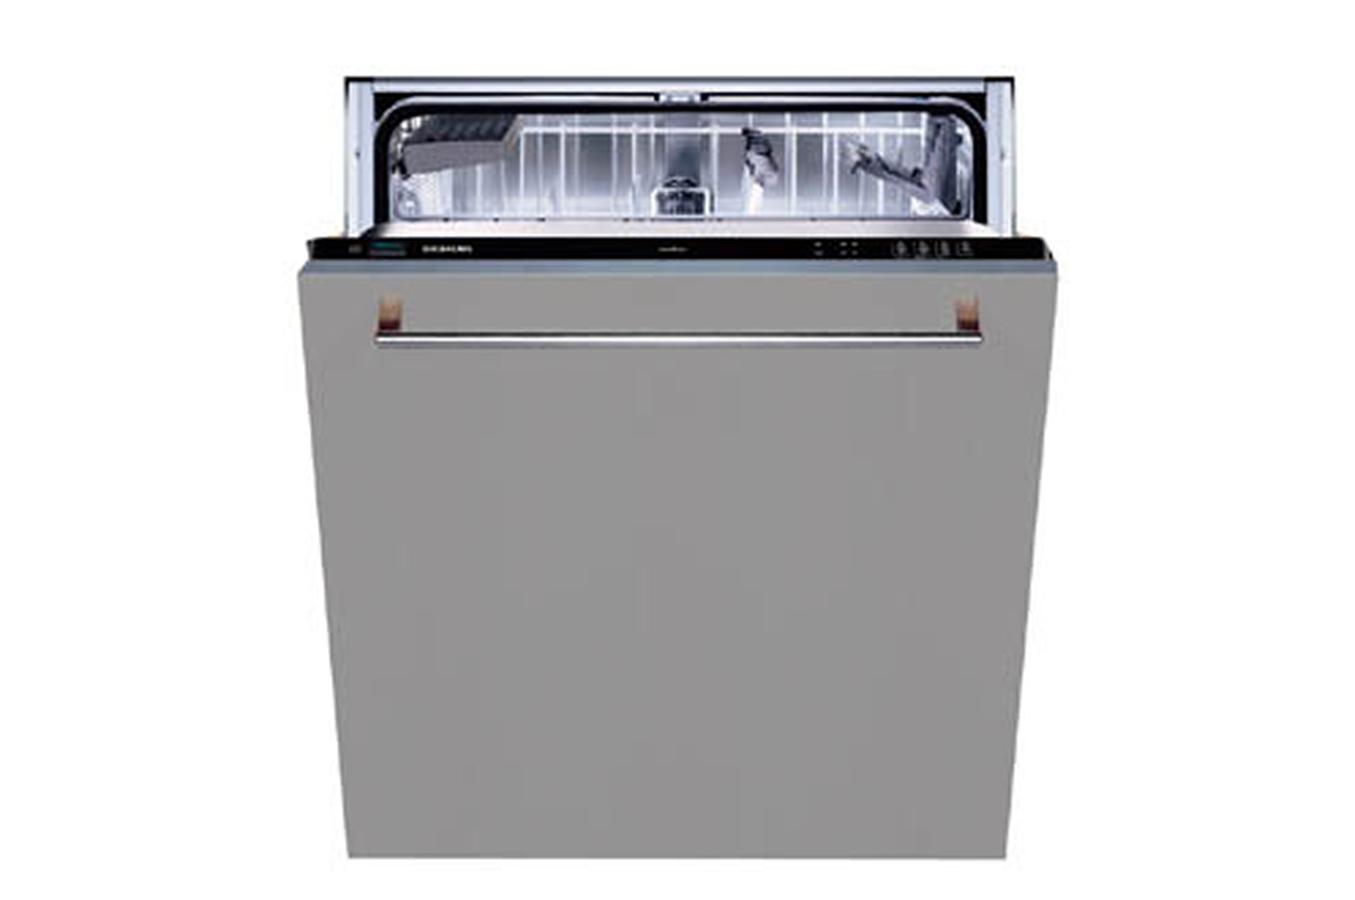 Lave vaisselle encastrable siemens se 64 e 331 eu - Montage porte lave vaisselle encastrable ...